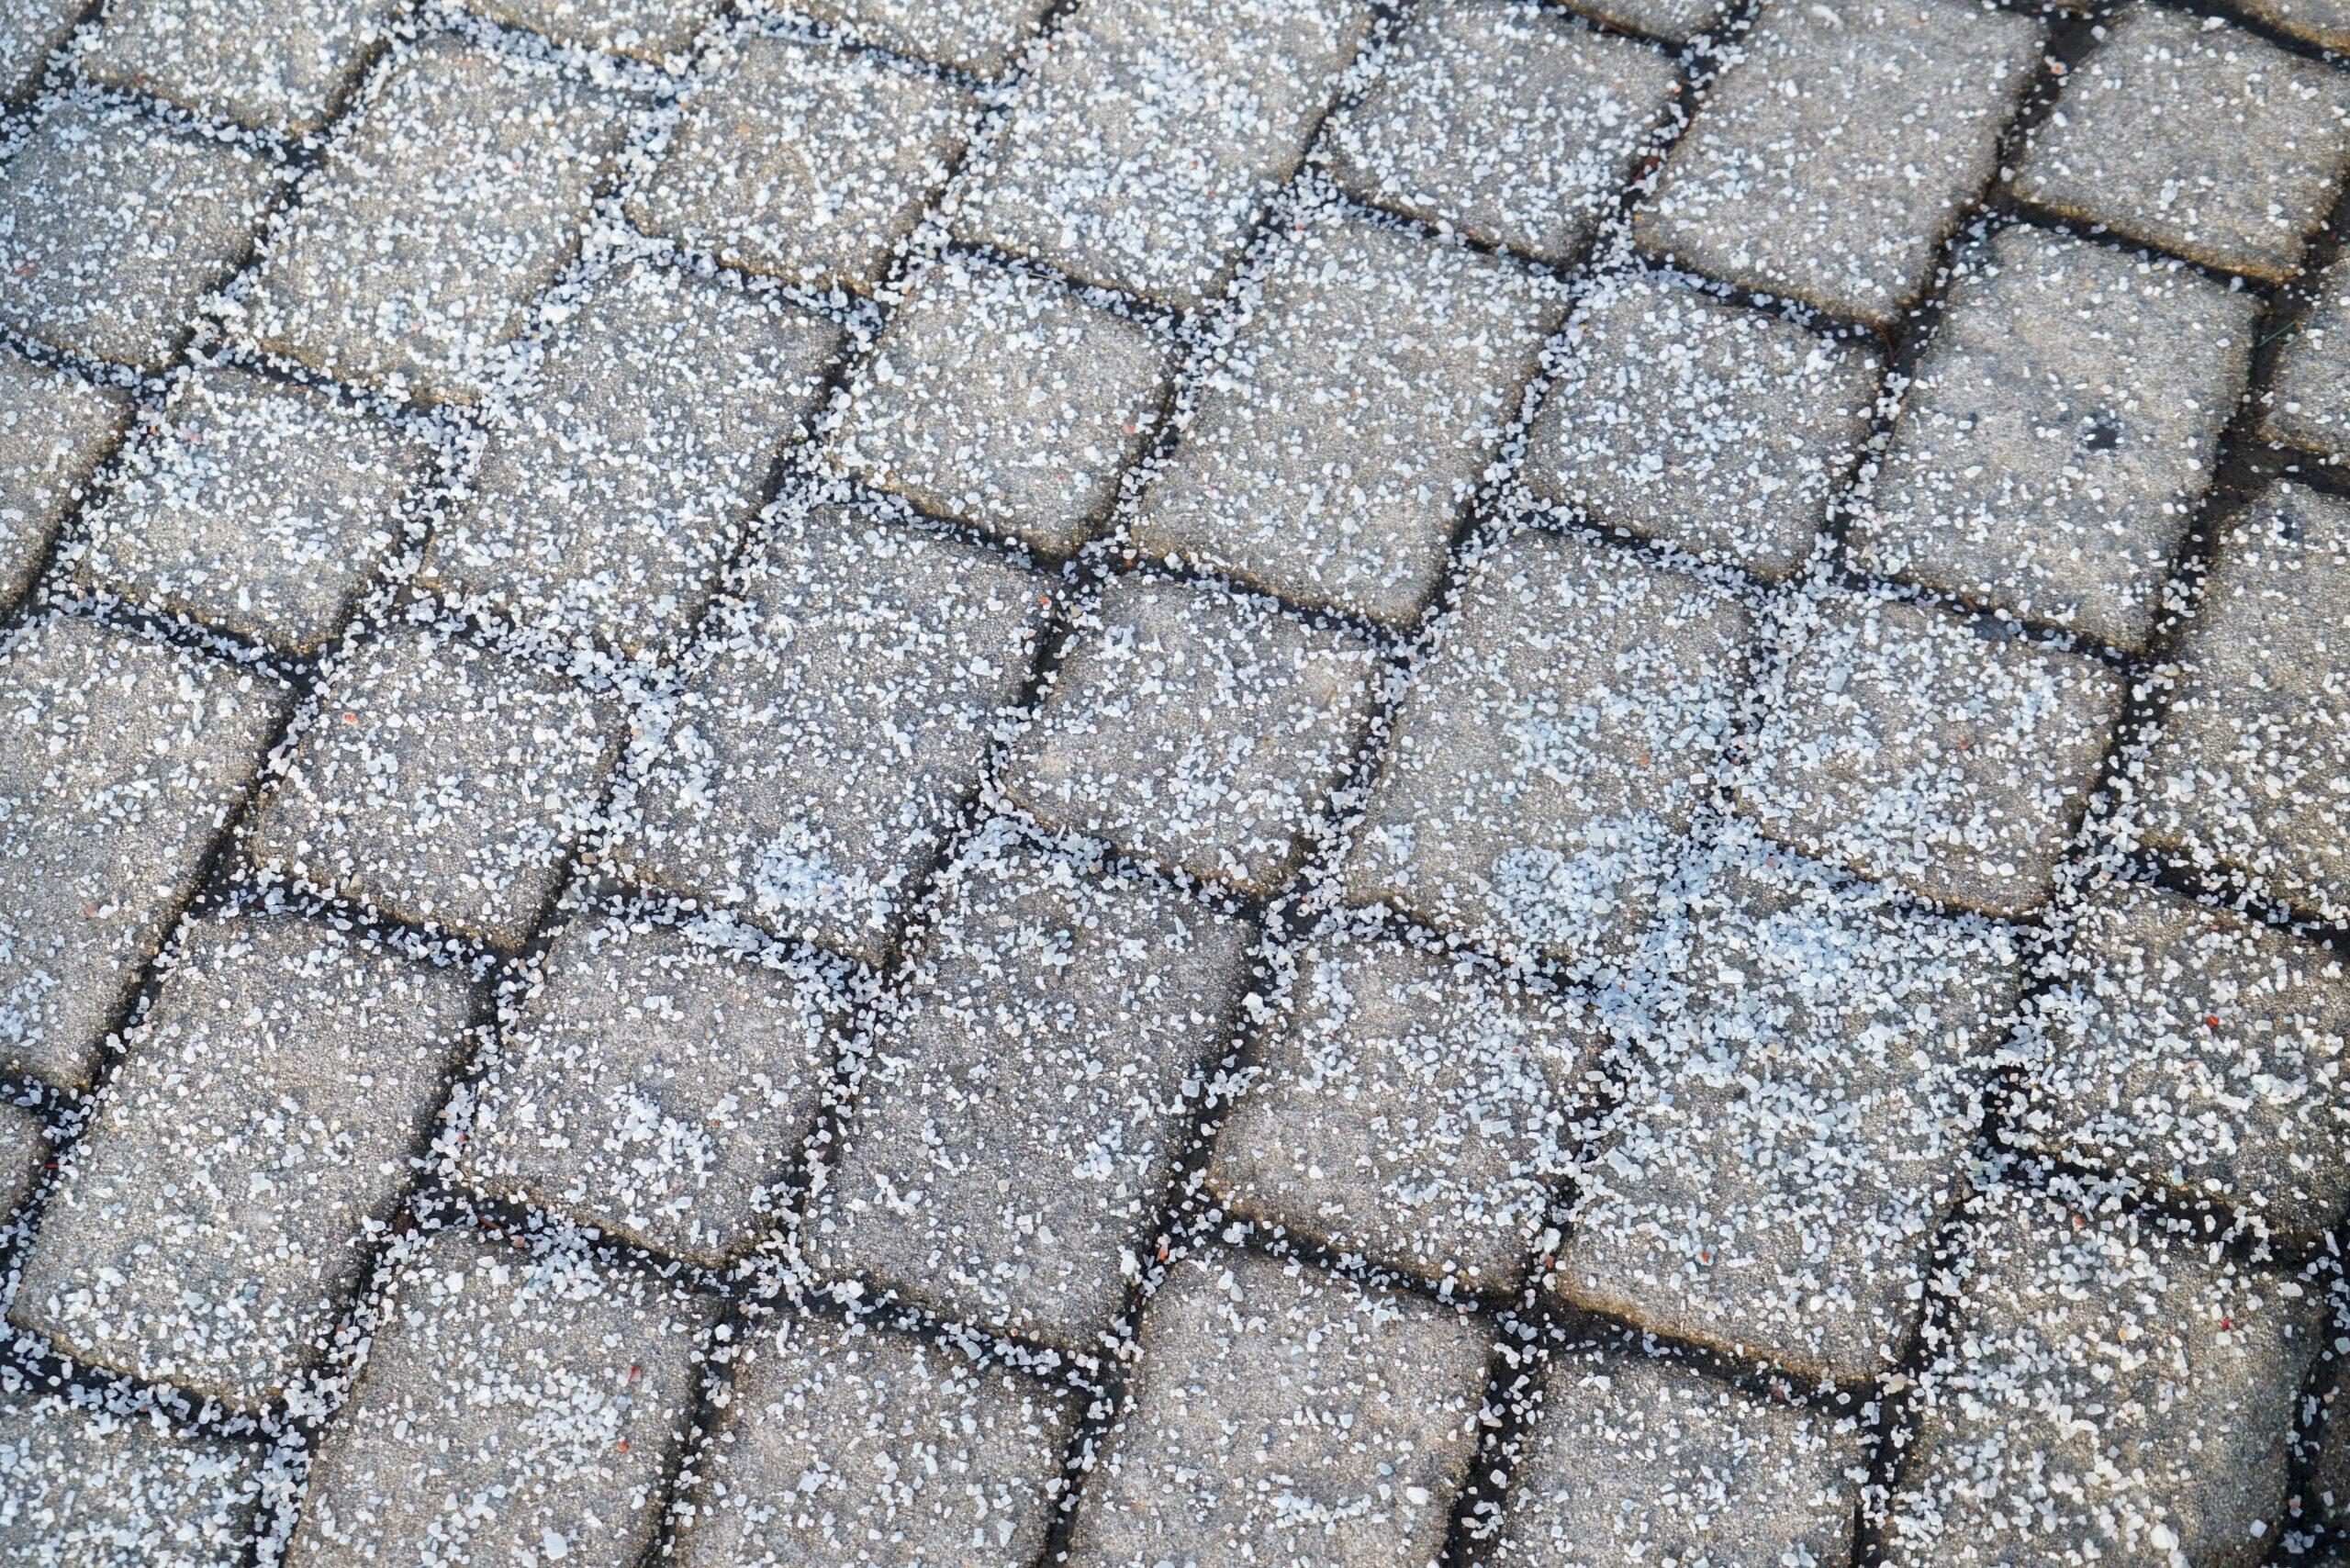 OUTCO winter gritting white salt on ground